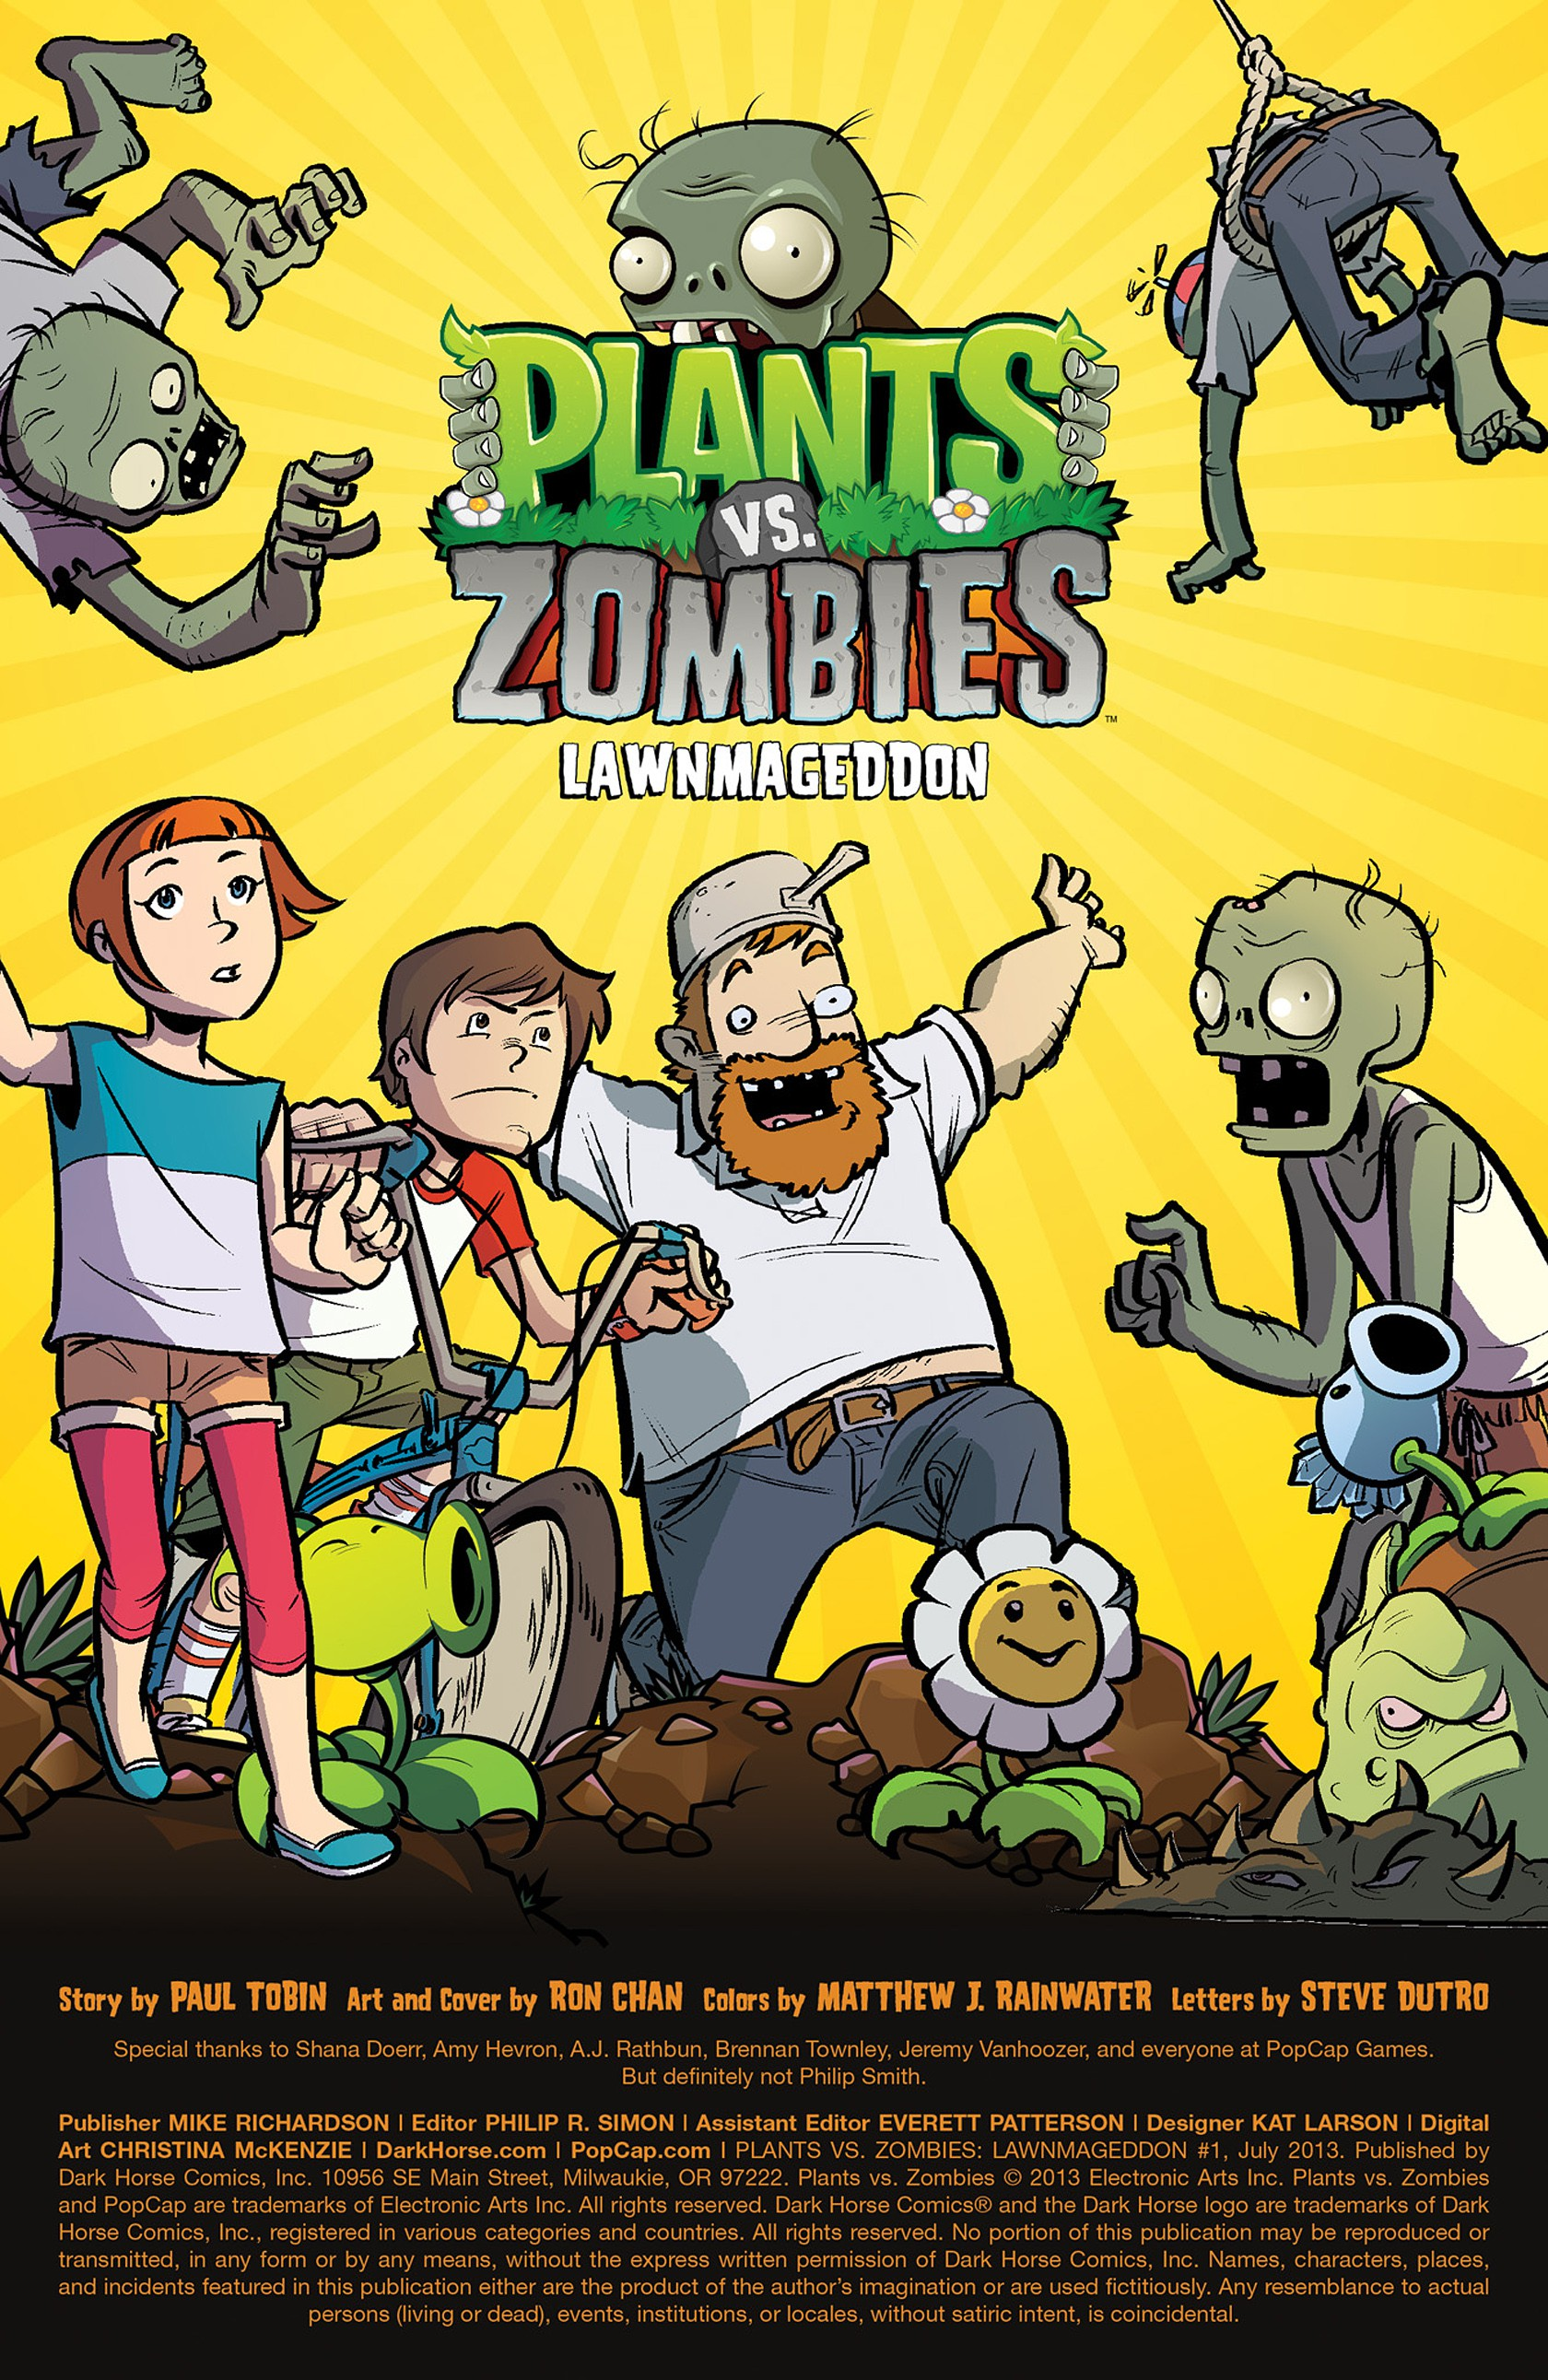 formatfactoryplants_vs_zombies_001-002.jpg